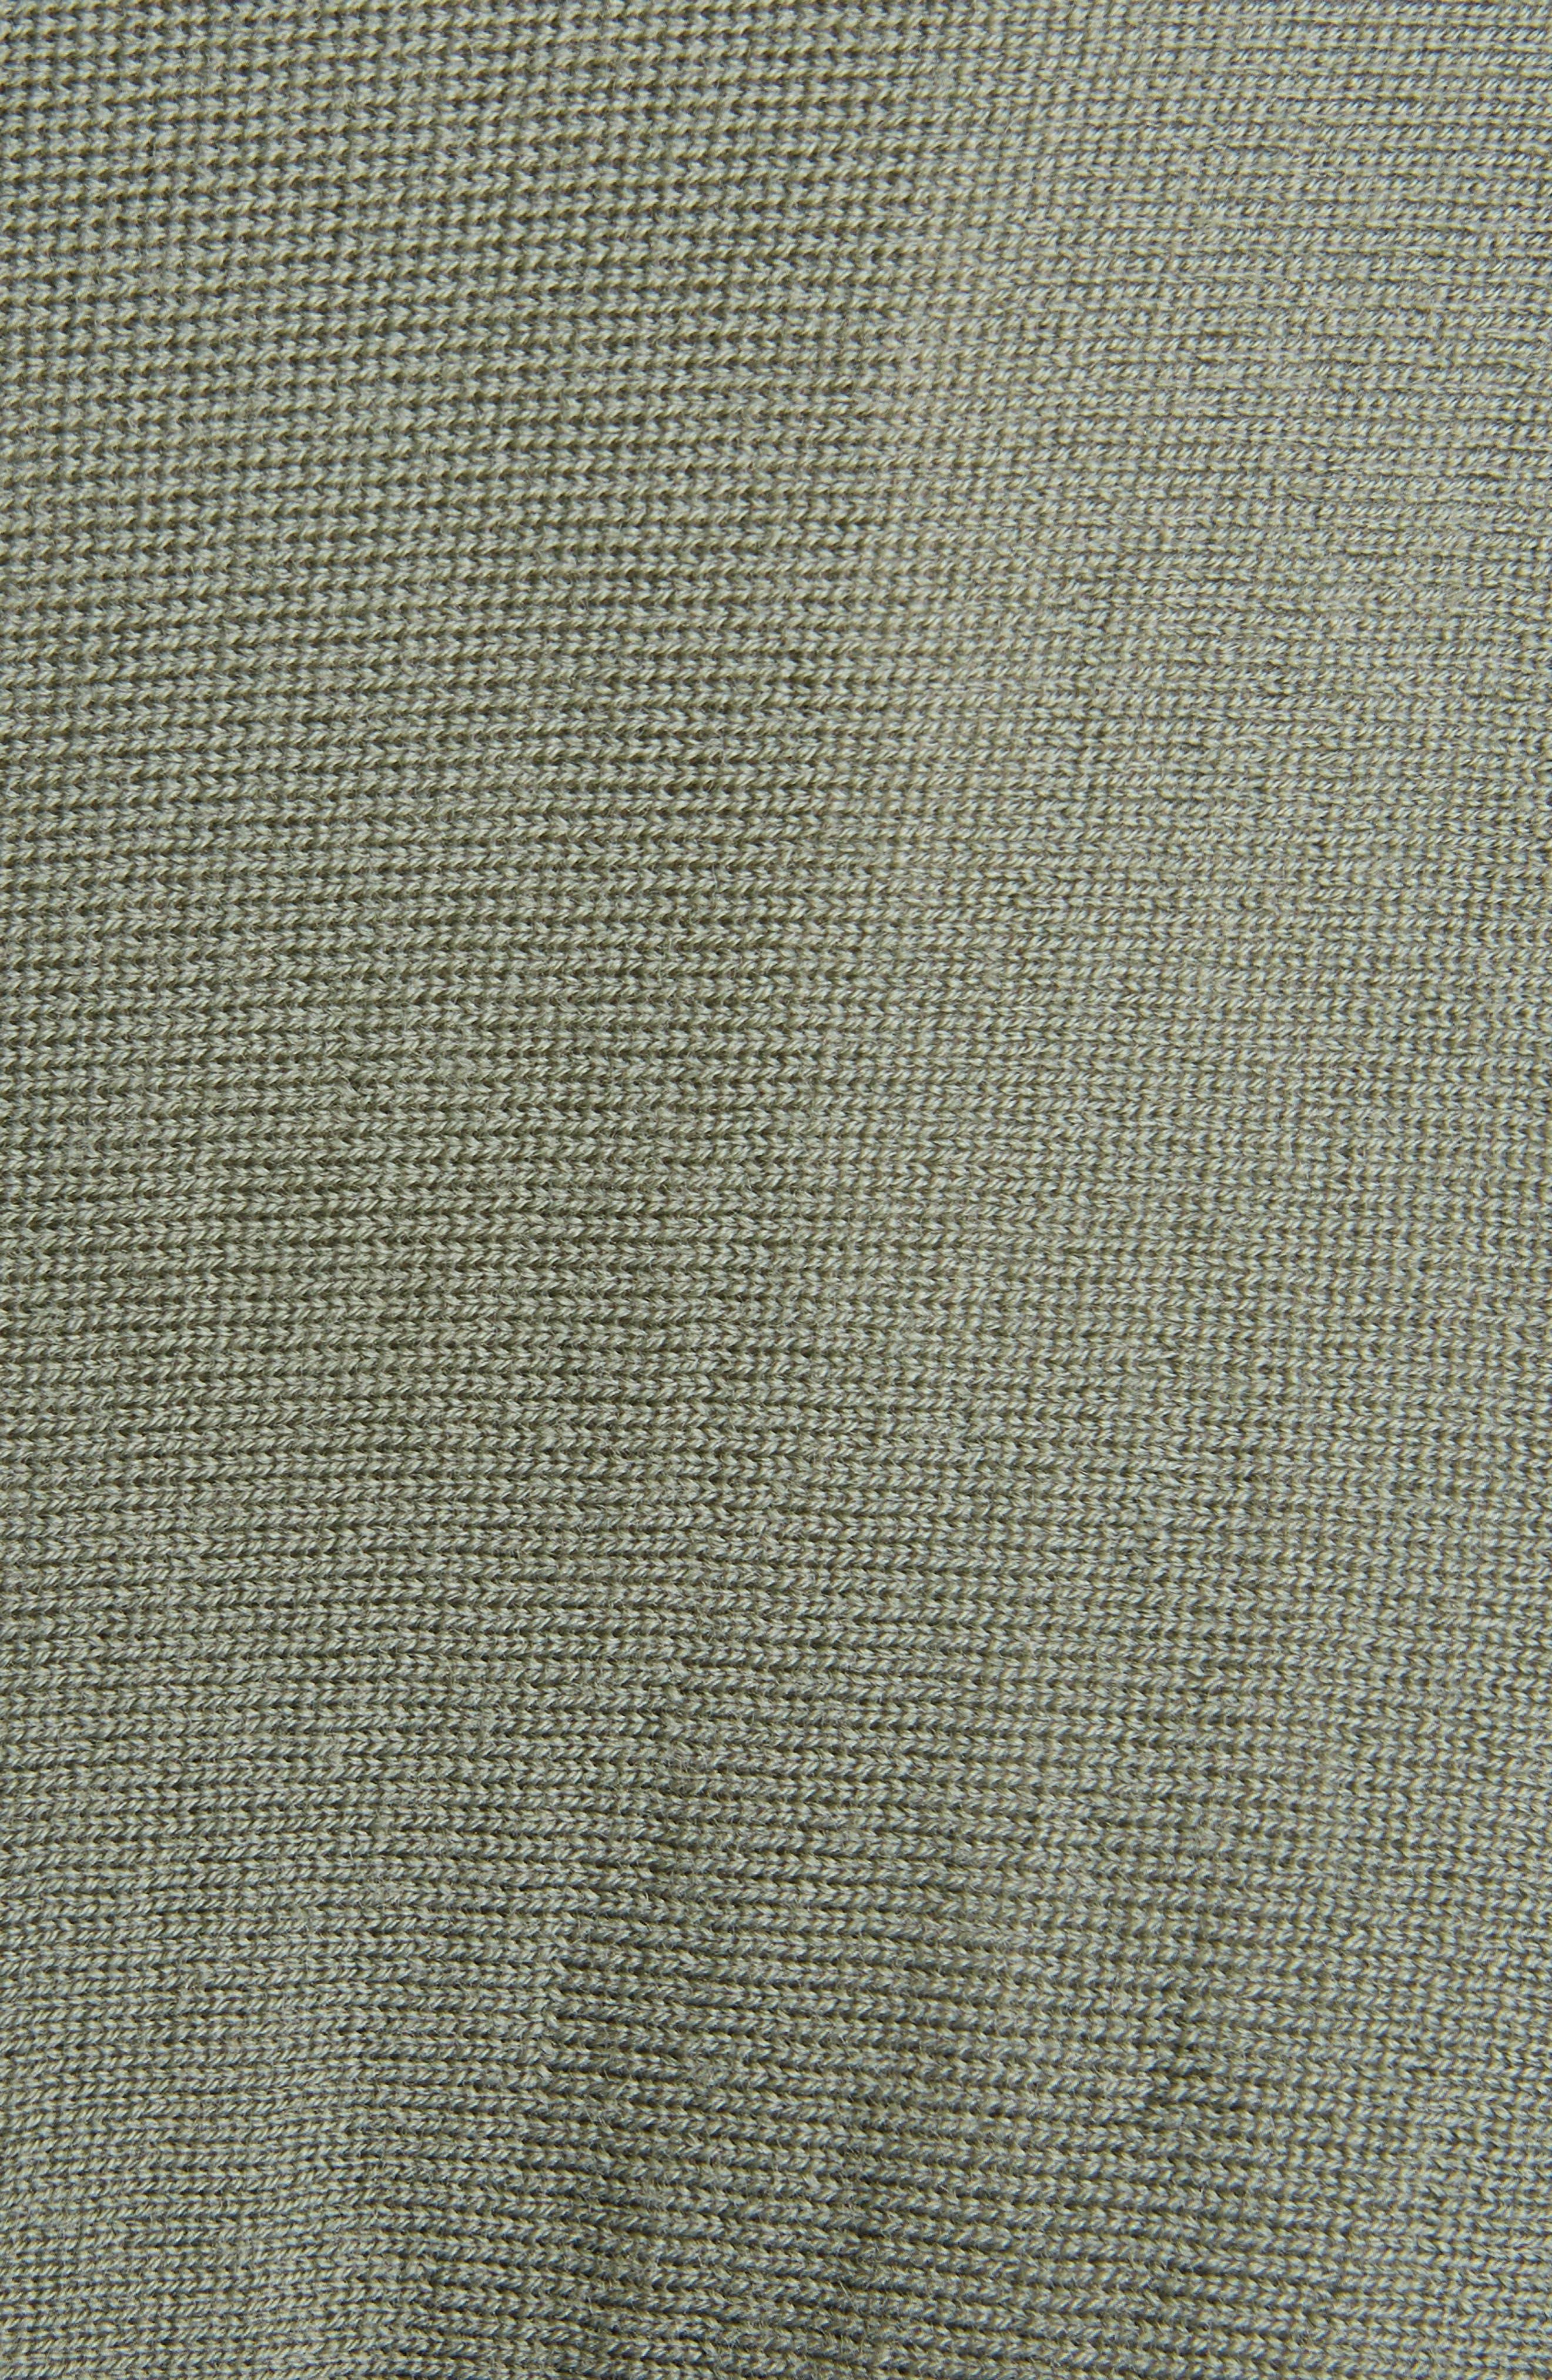 Merino Wool Drape Crop Cardigan,                             Alternate thumbnail 5, color,                             Sage